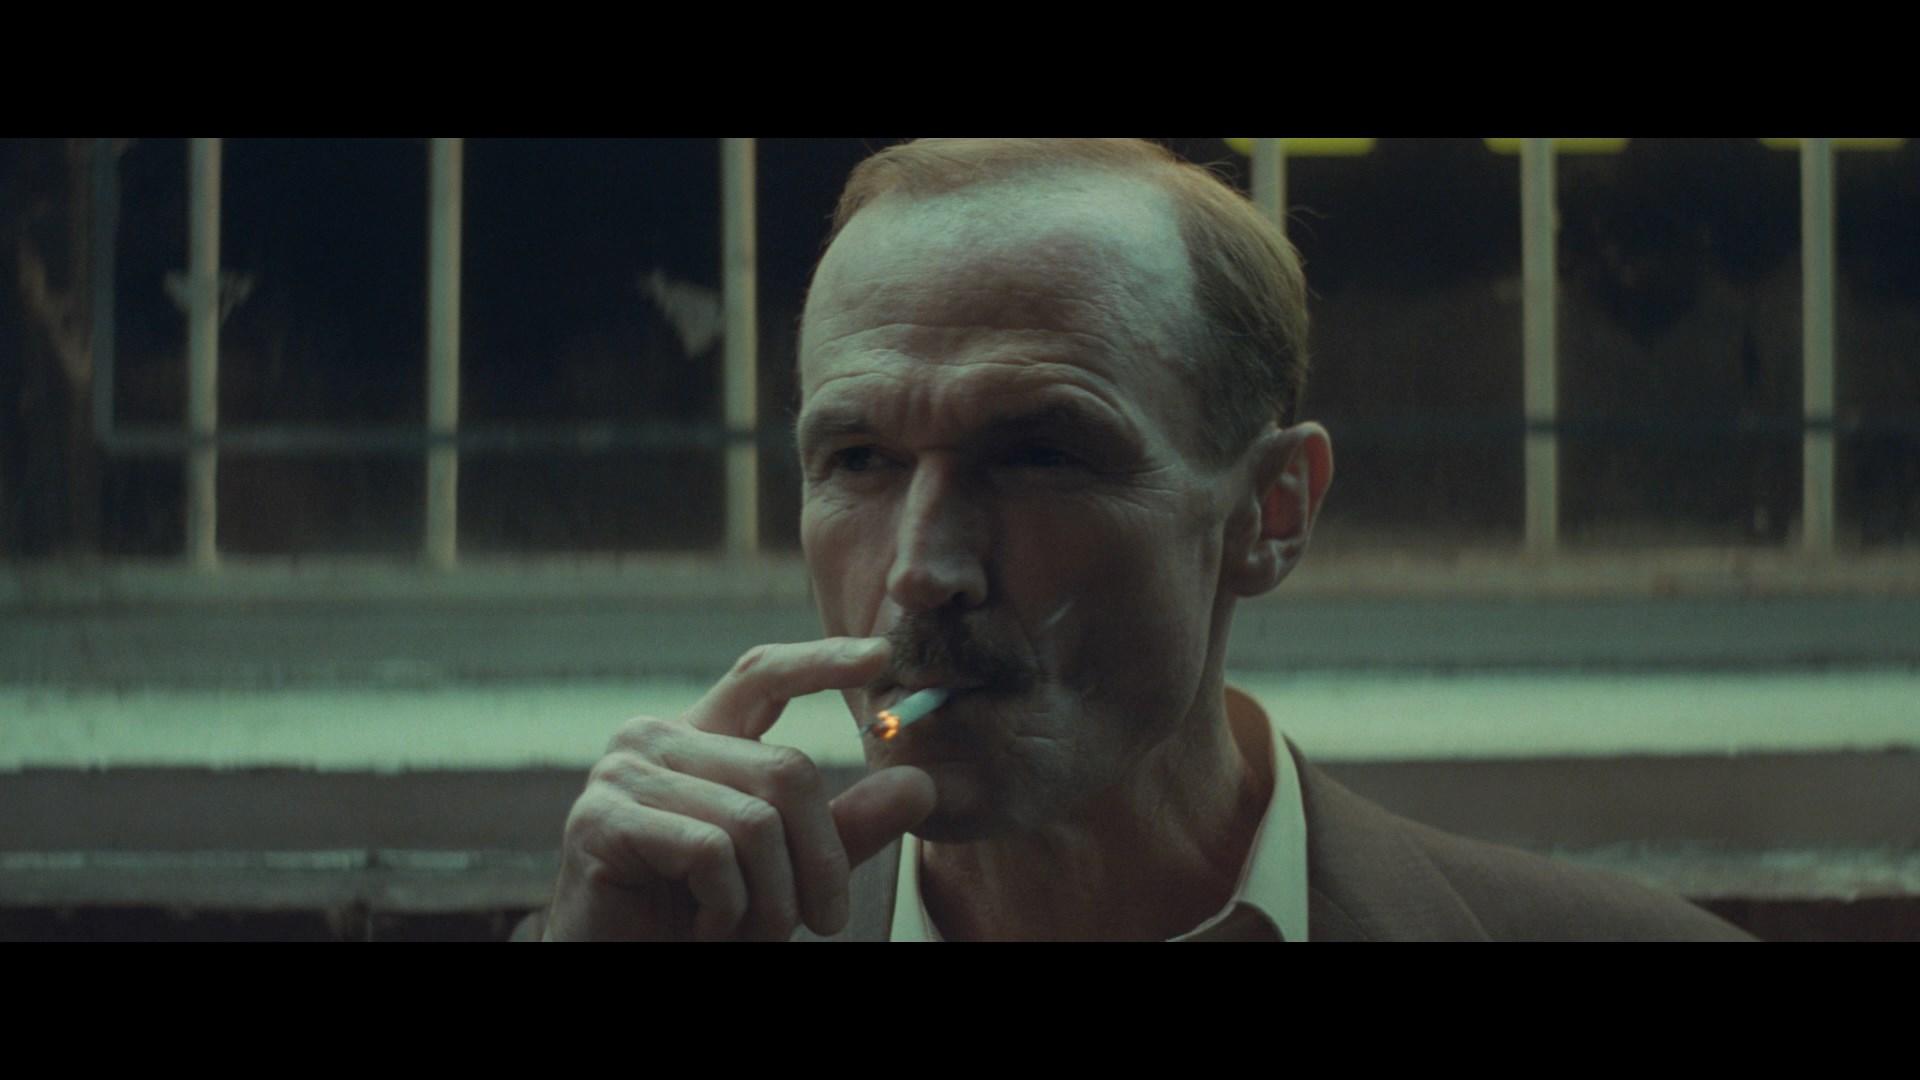 La ciudad de las mentiras (2018) 1080p Remux Latino